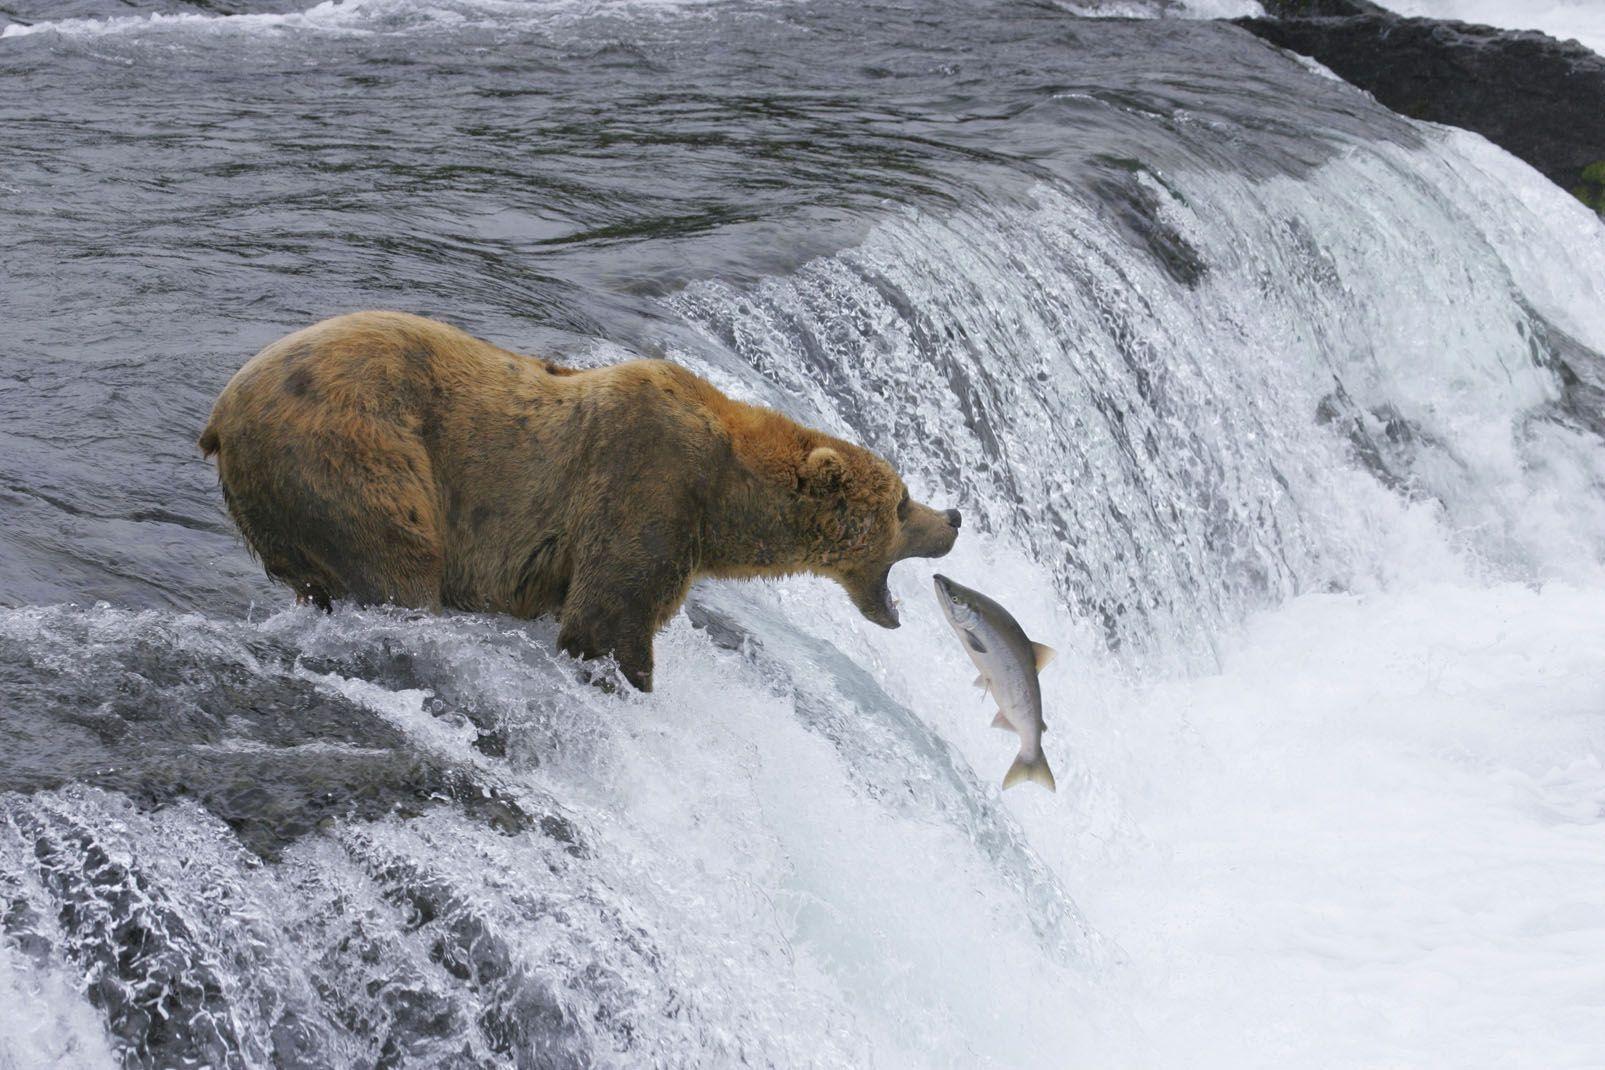 Alaska, United States of America, Alaska, United States of America